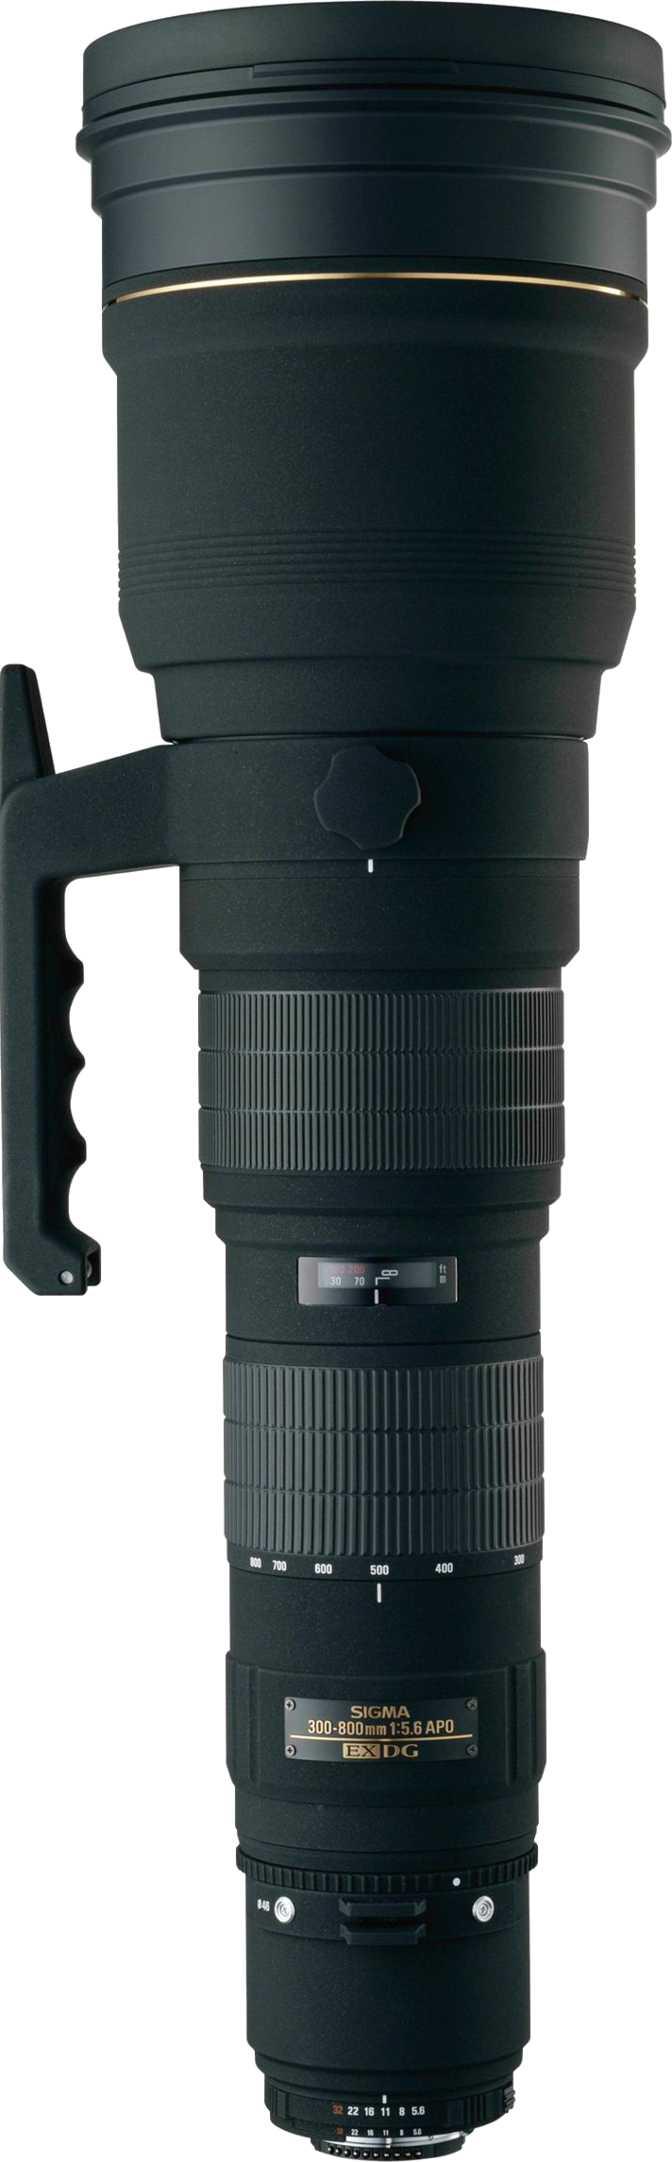 Sigma 800mm F/5.6 EX APO DG HSM